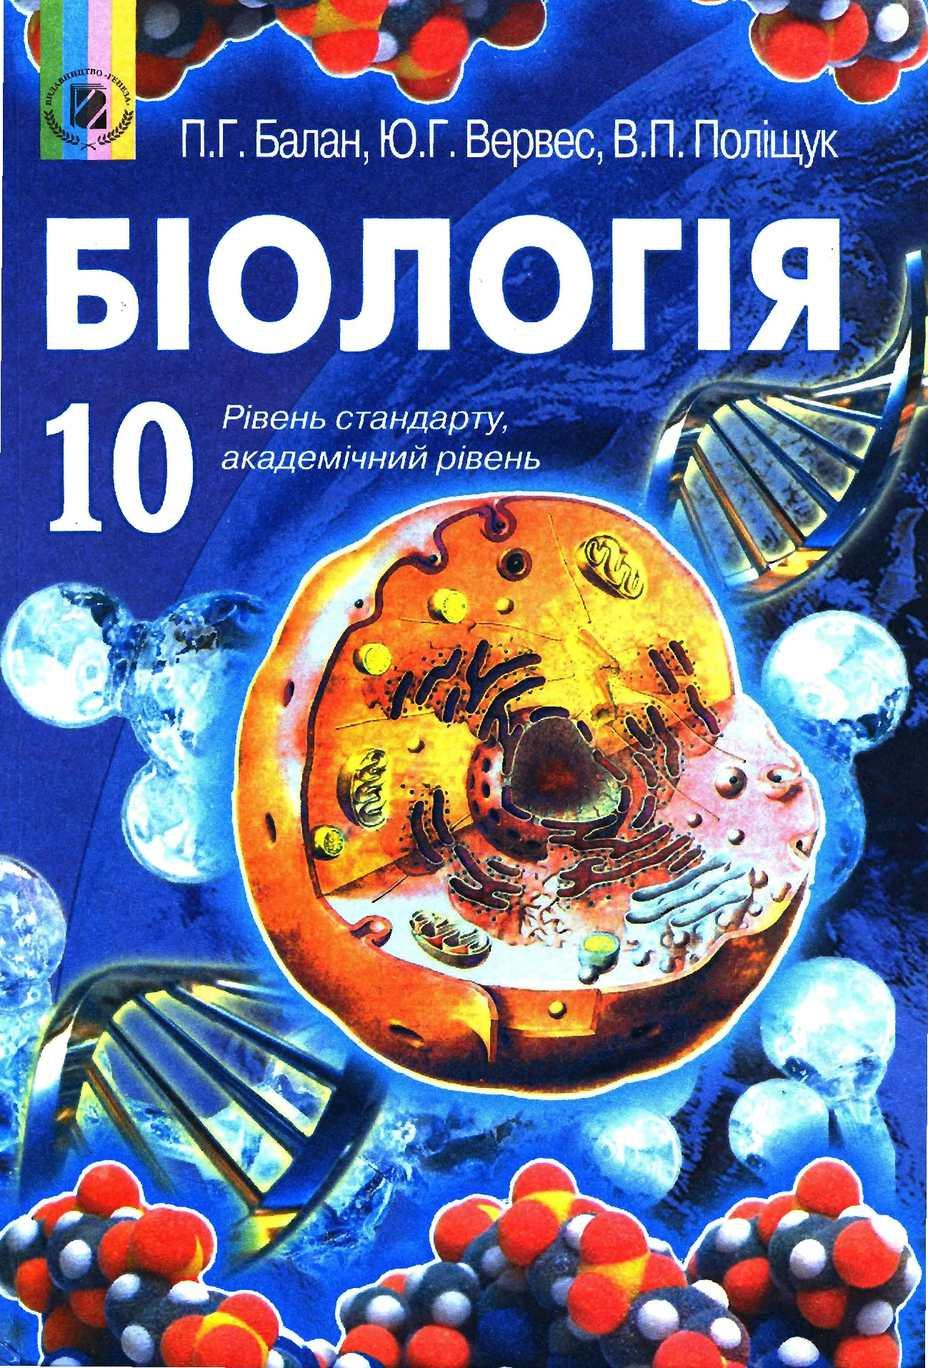 Биология 10 класс балан